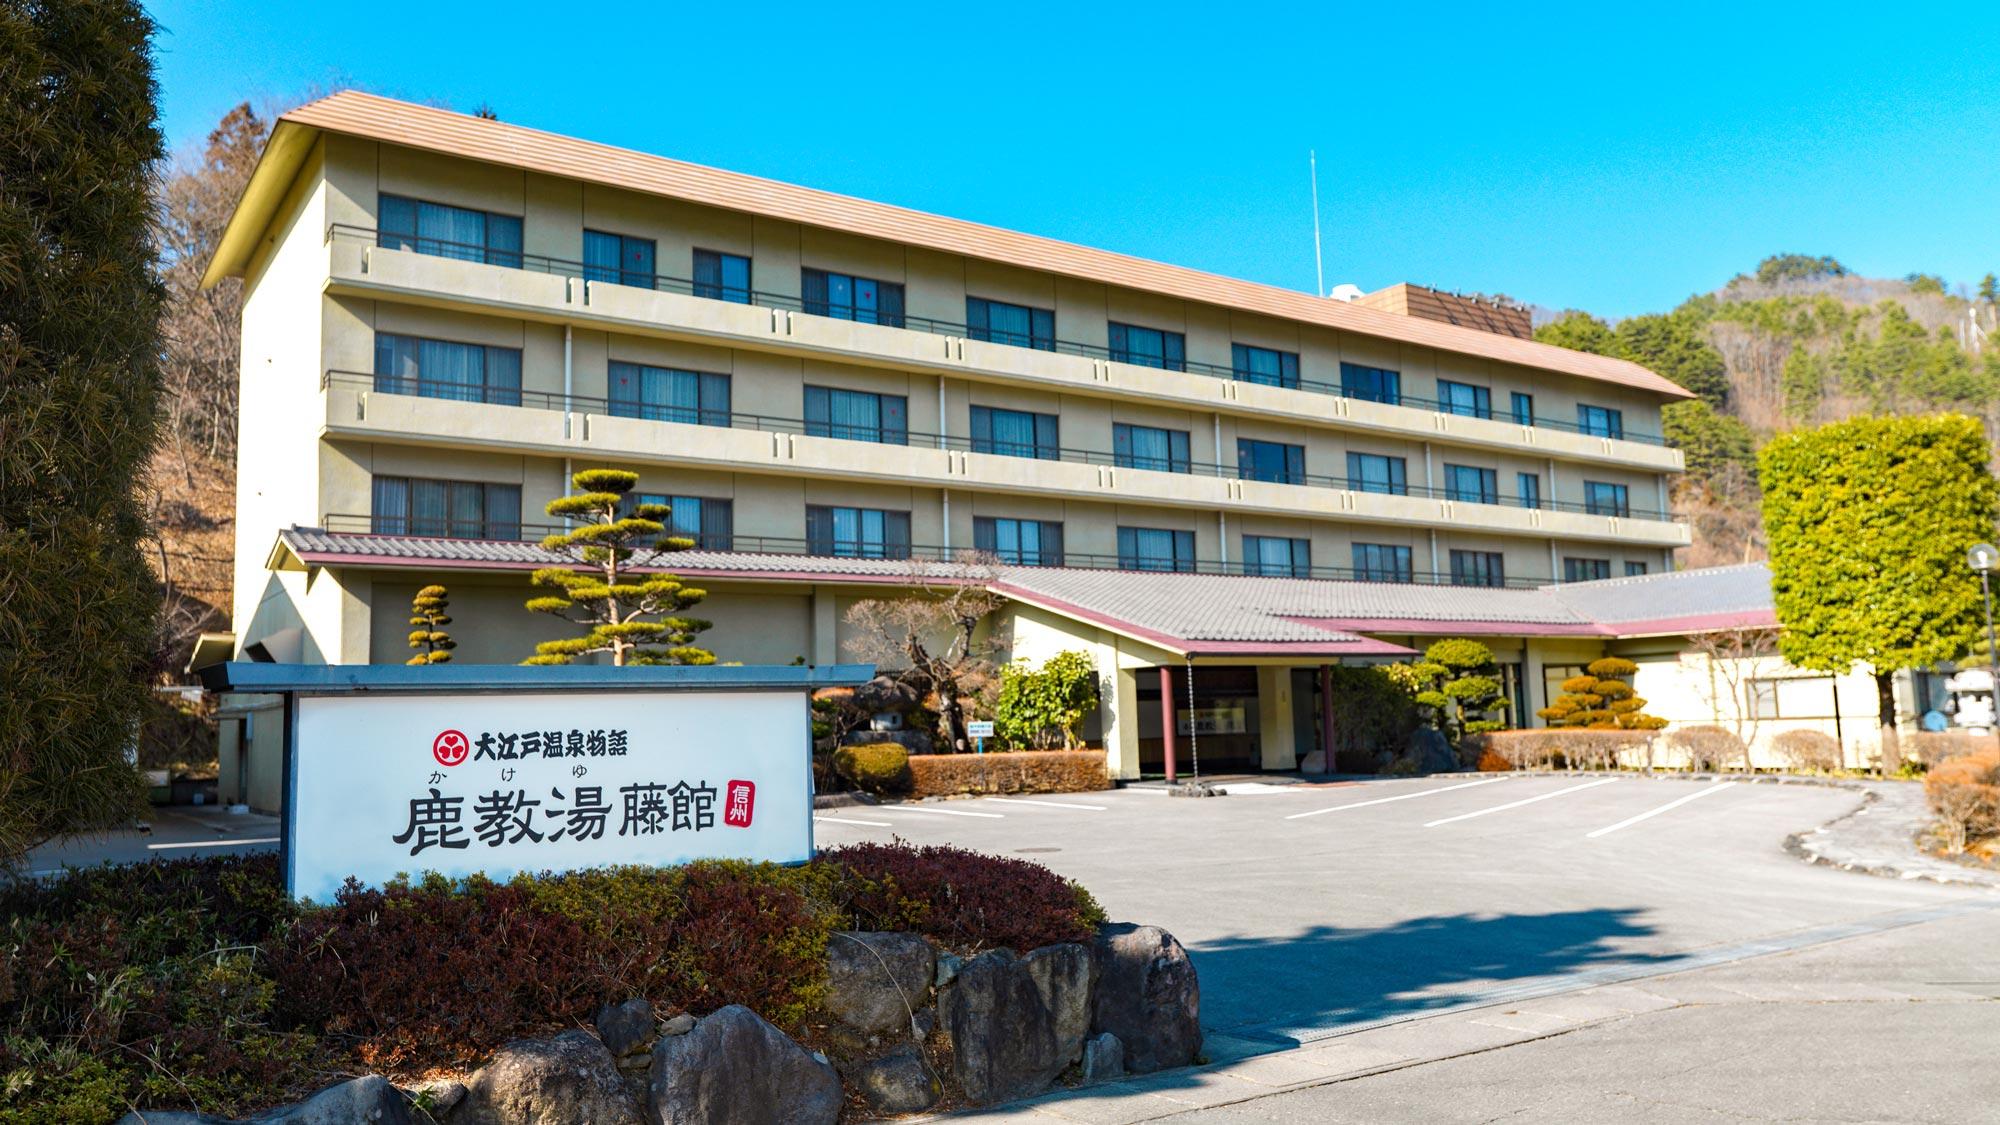 大江戸温泉物語 鹿教湯 藤館◆楽天トラベル